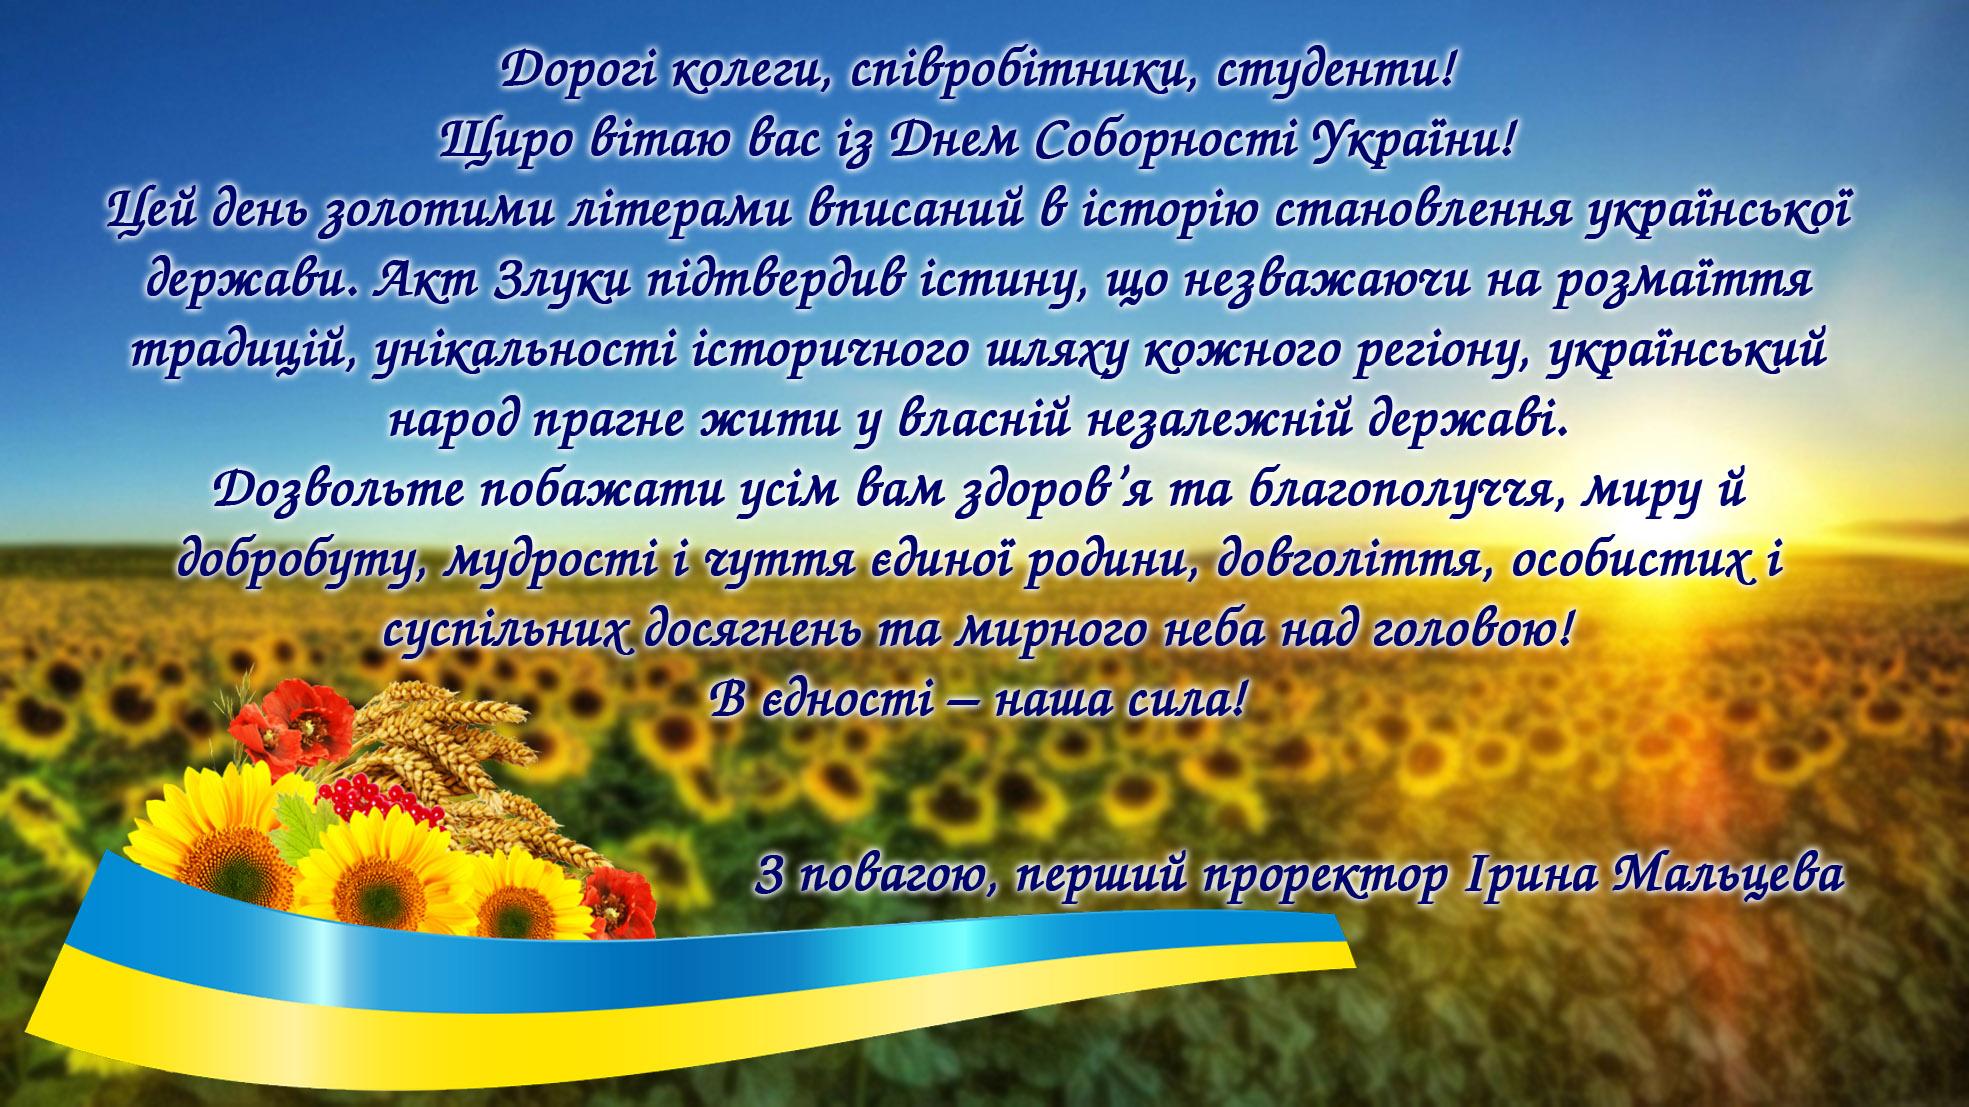 Вітання першого проректора з Днем Соборності України